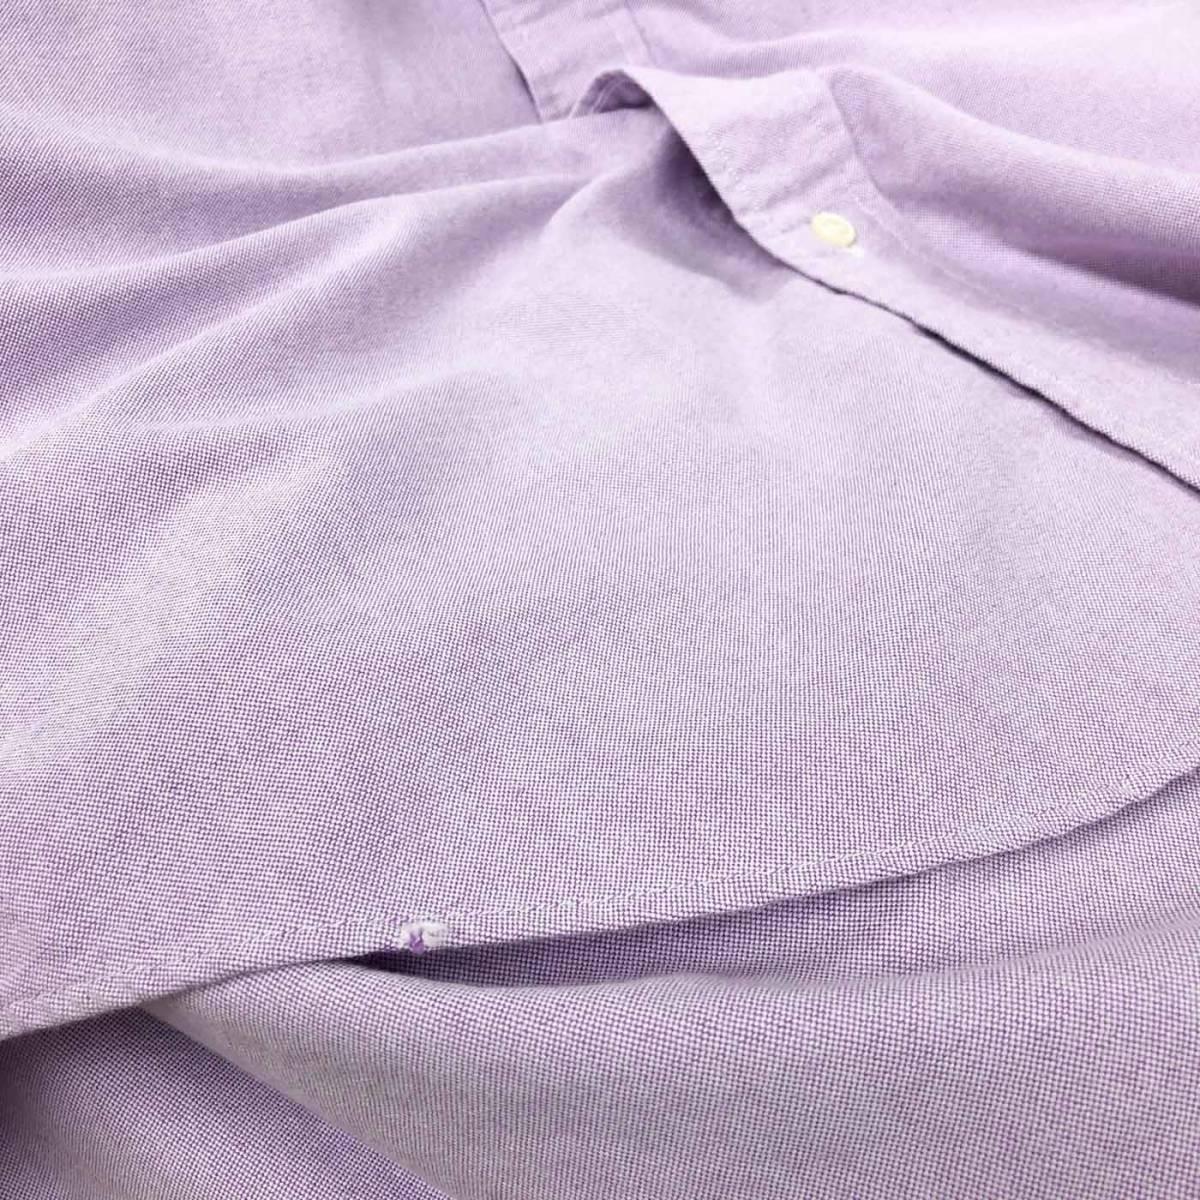 ラルフローレン POLO Ralph Lauren Polo 長袖シャツ メンズ ワンポイント Sサイズ 7-60_画像8